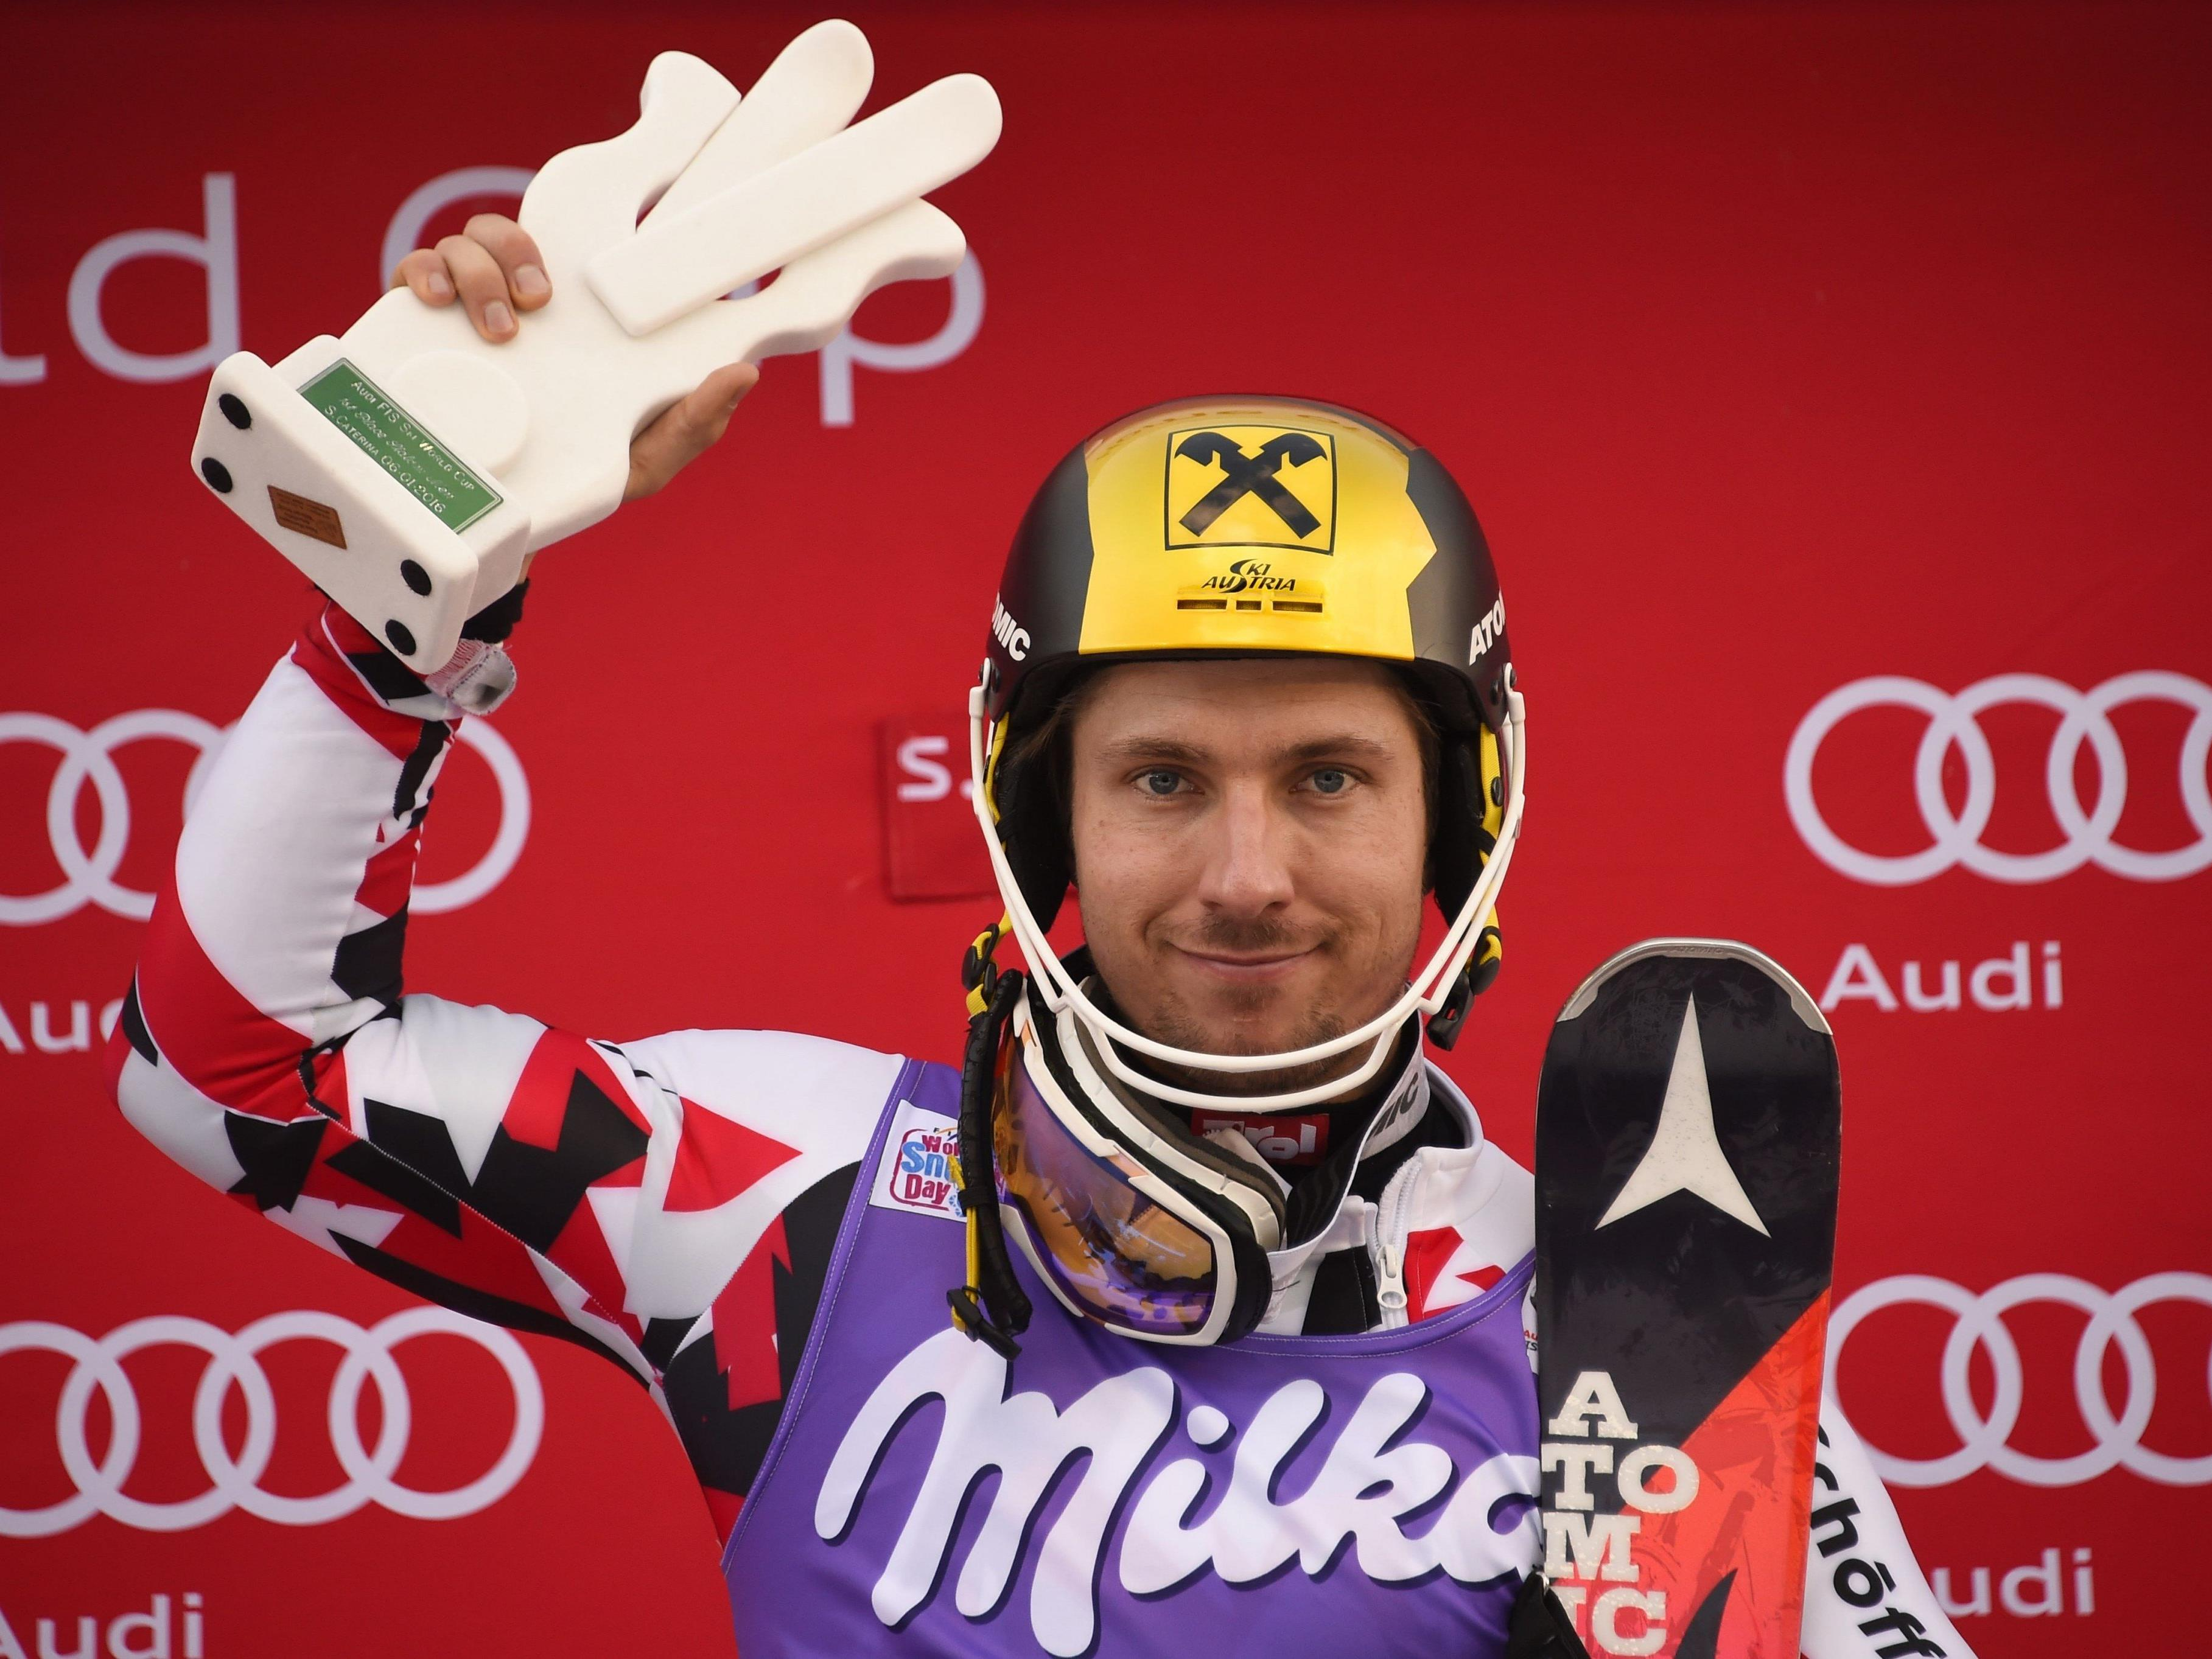 Am Sonntag steht im Berner Oberland noch der Slalom auf dem Programm.